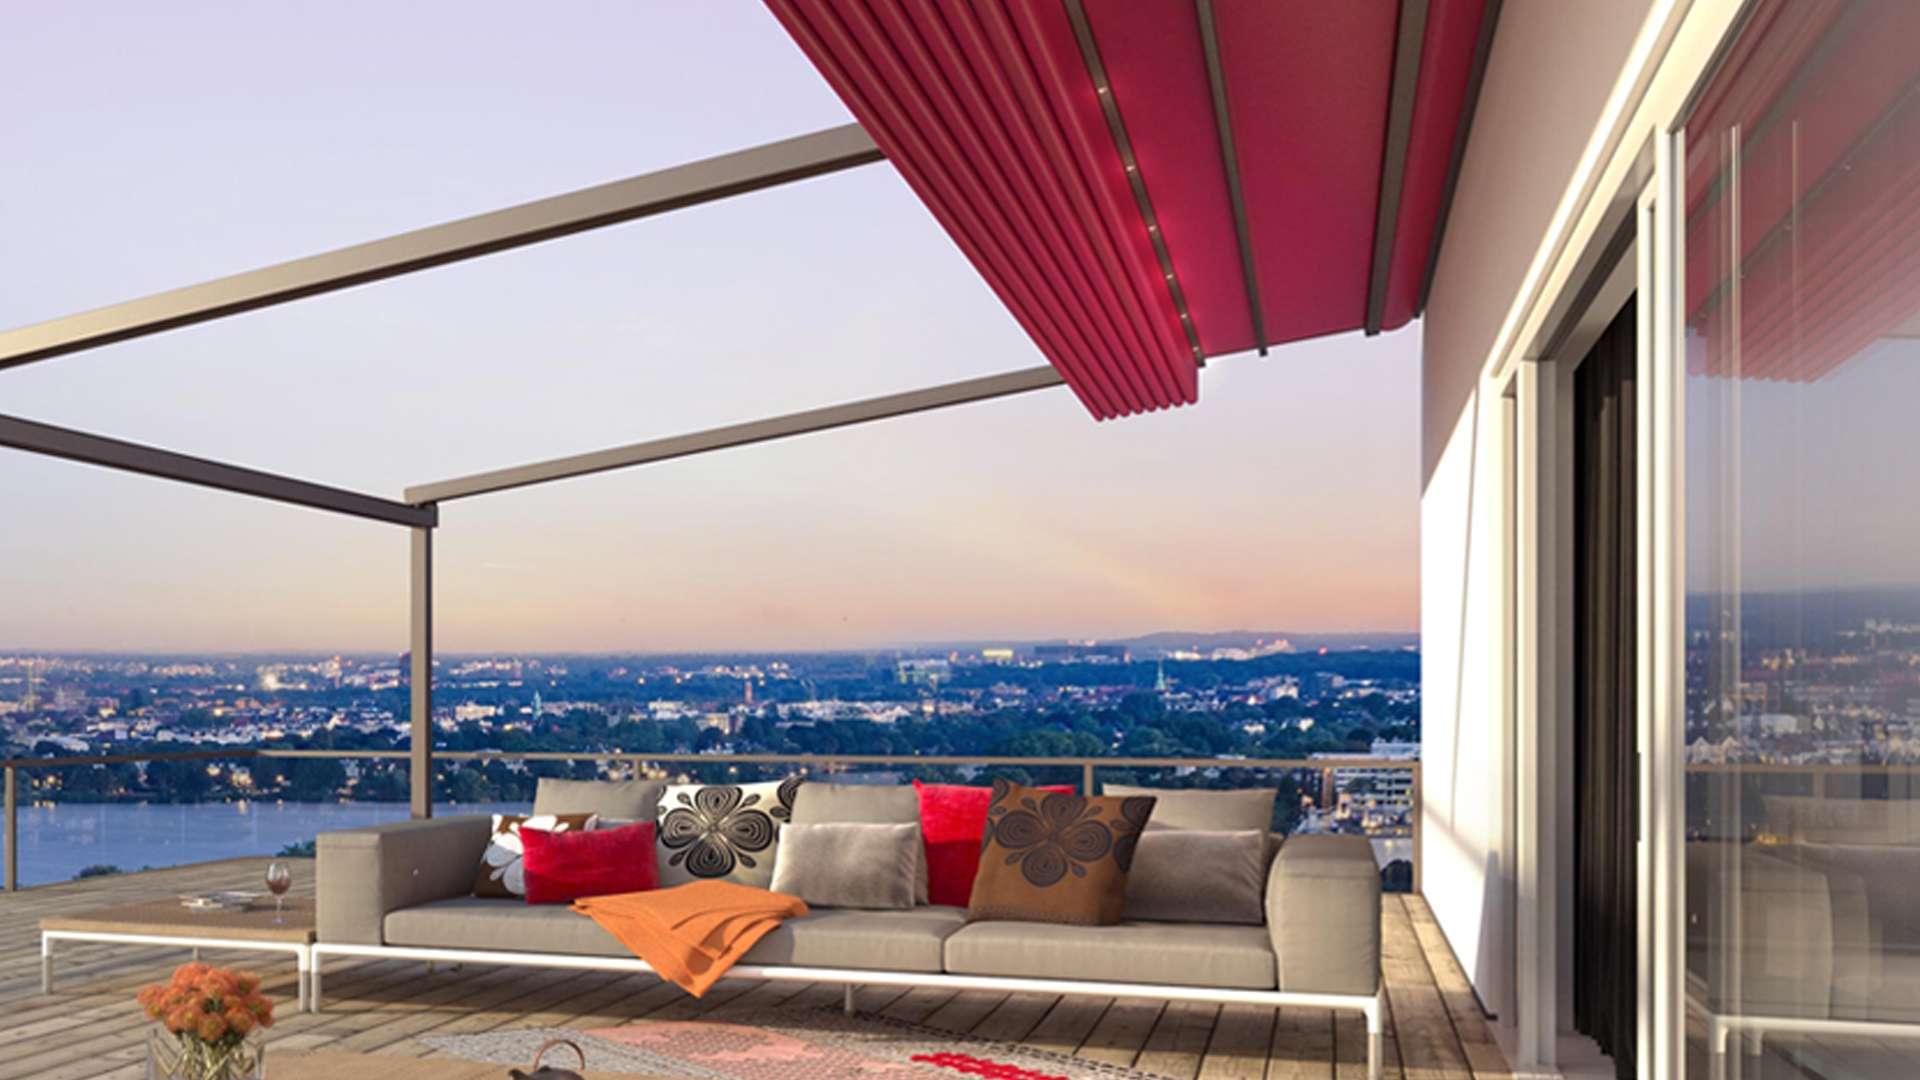 offenes Pergola-Systeme über einer Dachterrasse mit Blick auf die Stadt